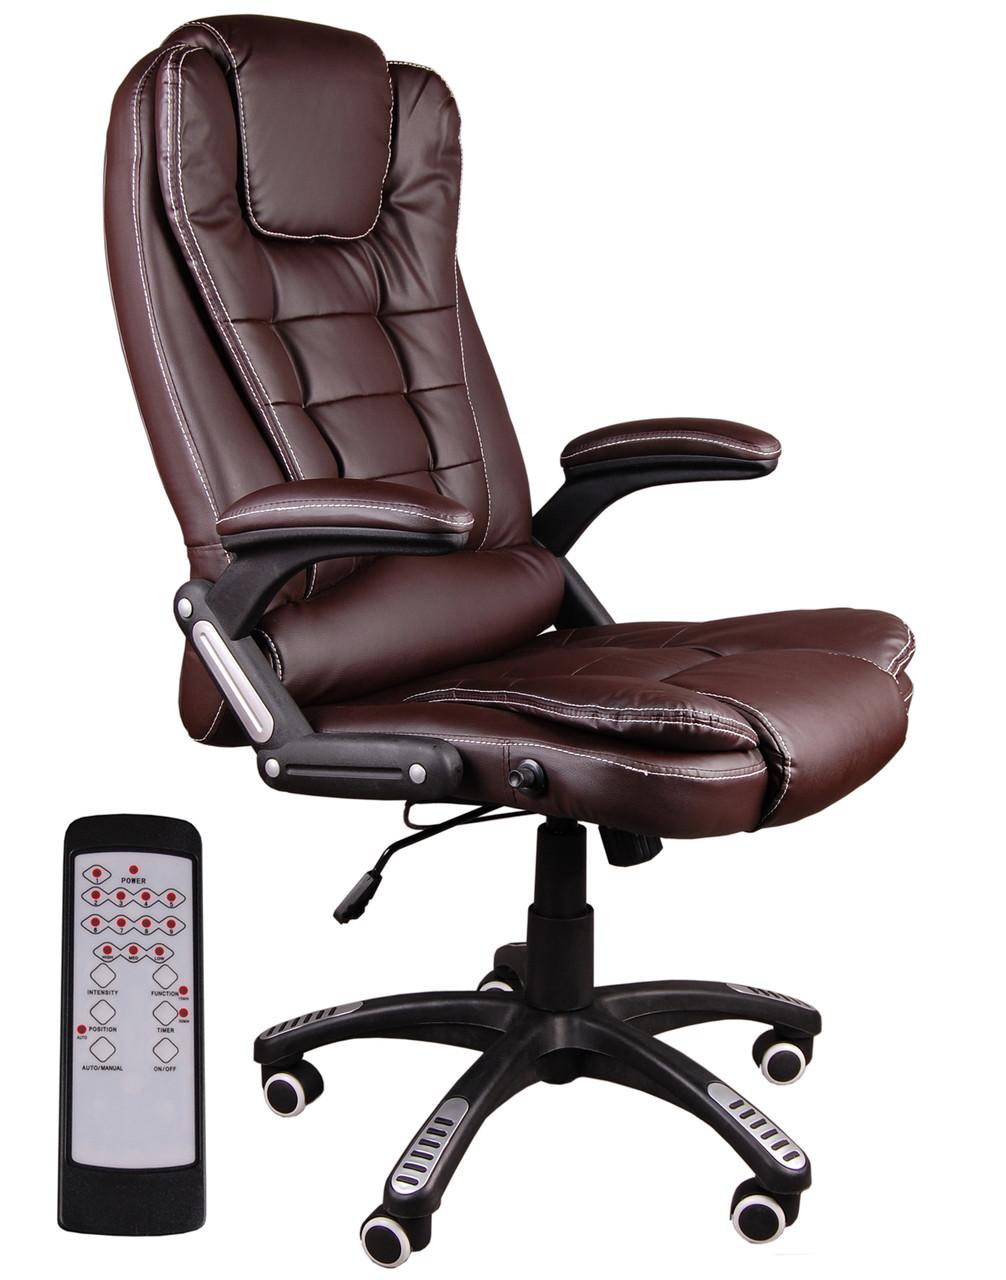 массажеры на рабочее кресло